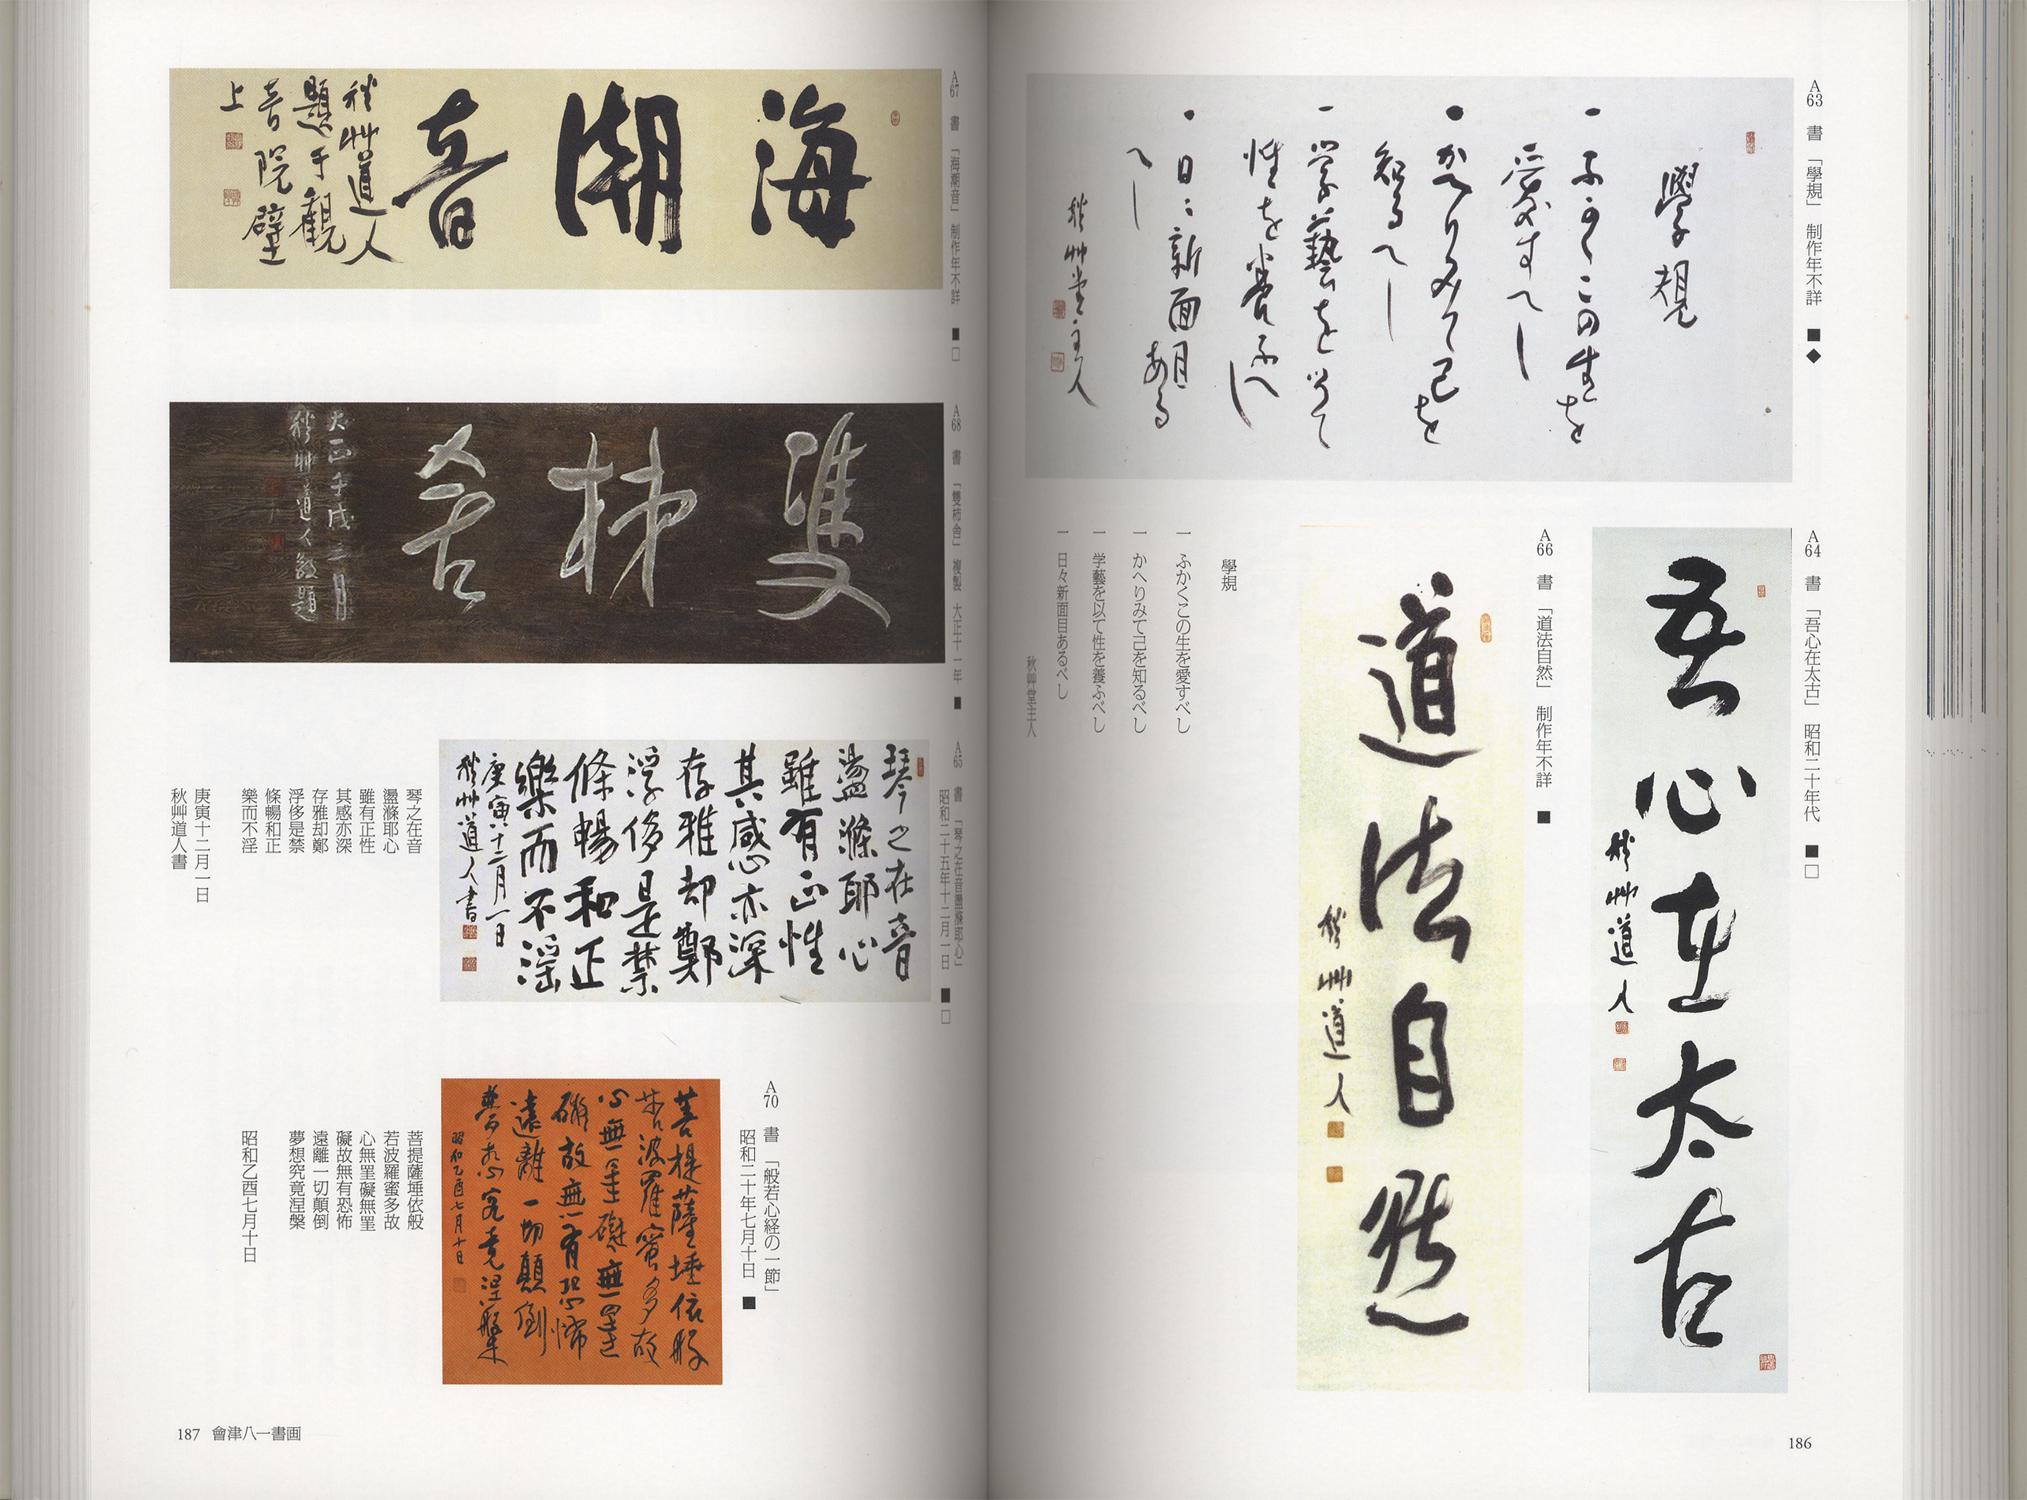 「奈良の古寺と仏像─會津八一のうたにのせて─」展 平城遷都1300年記念[image3]